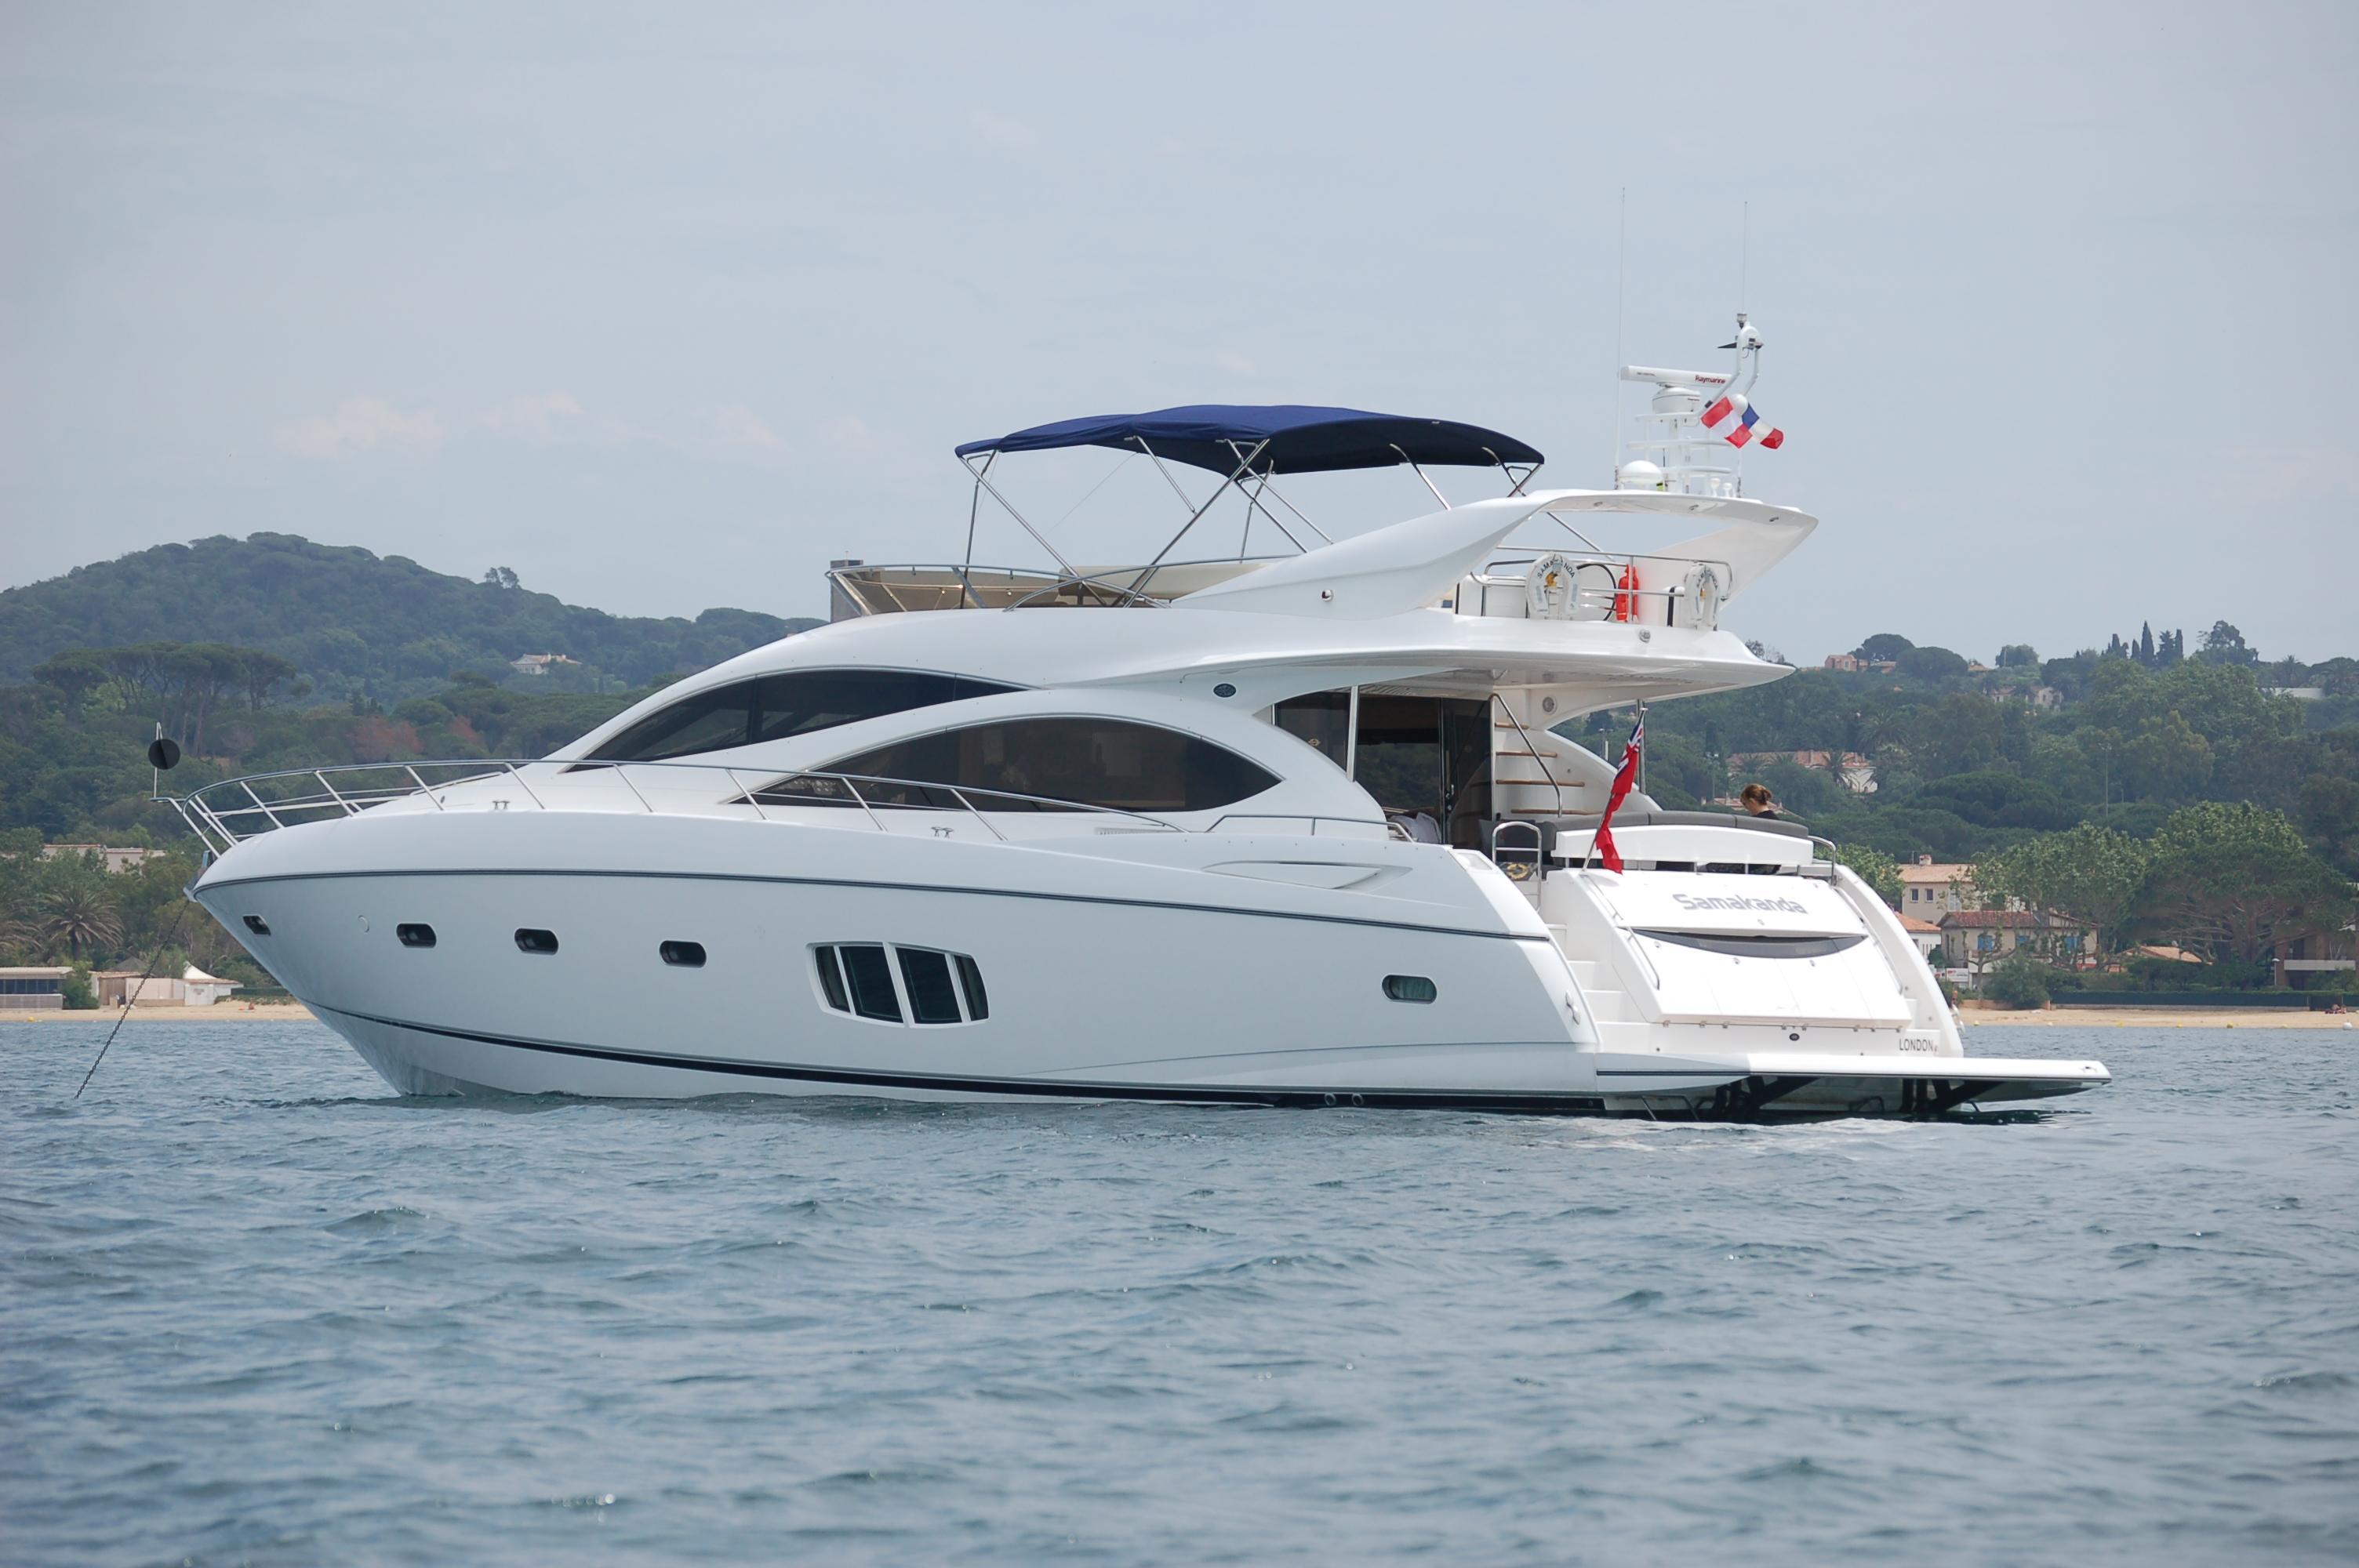 samakanda yacht charter details sunseeker charterworld. Black Bedroom Furniture Sets. Home Design Ideas